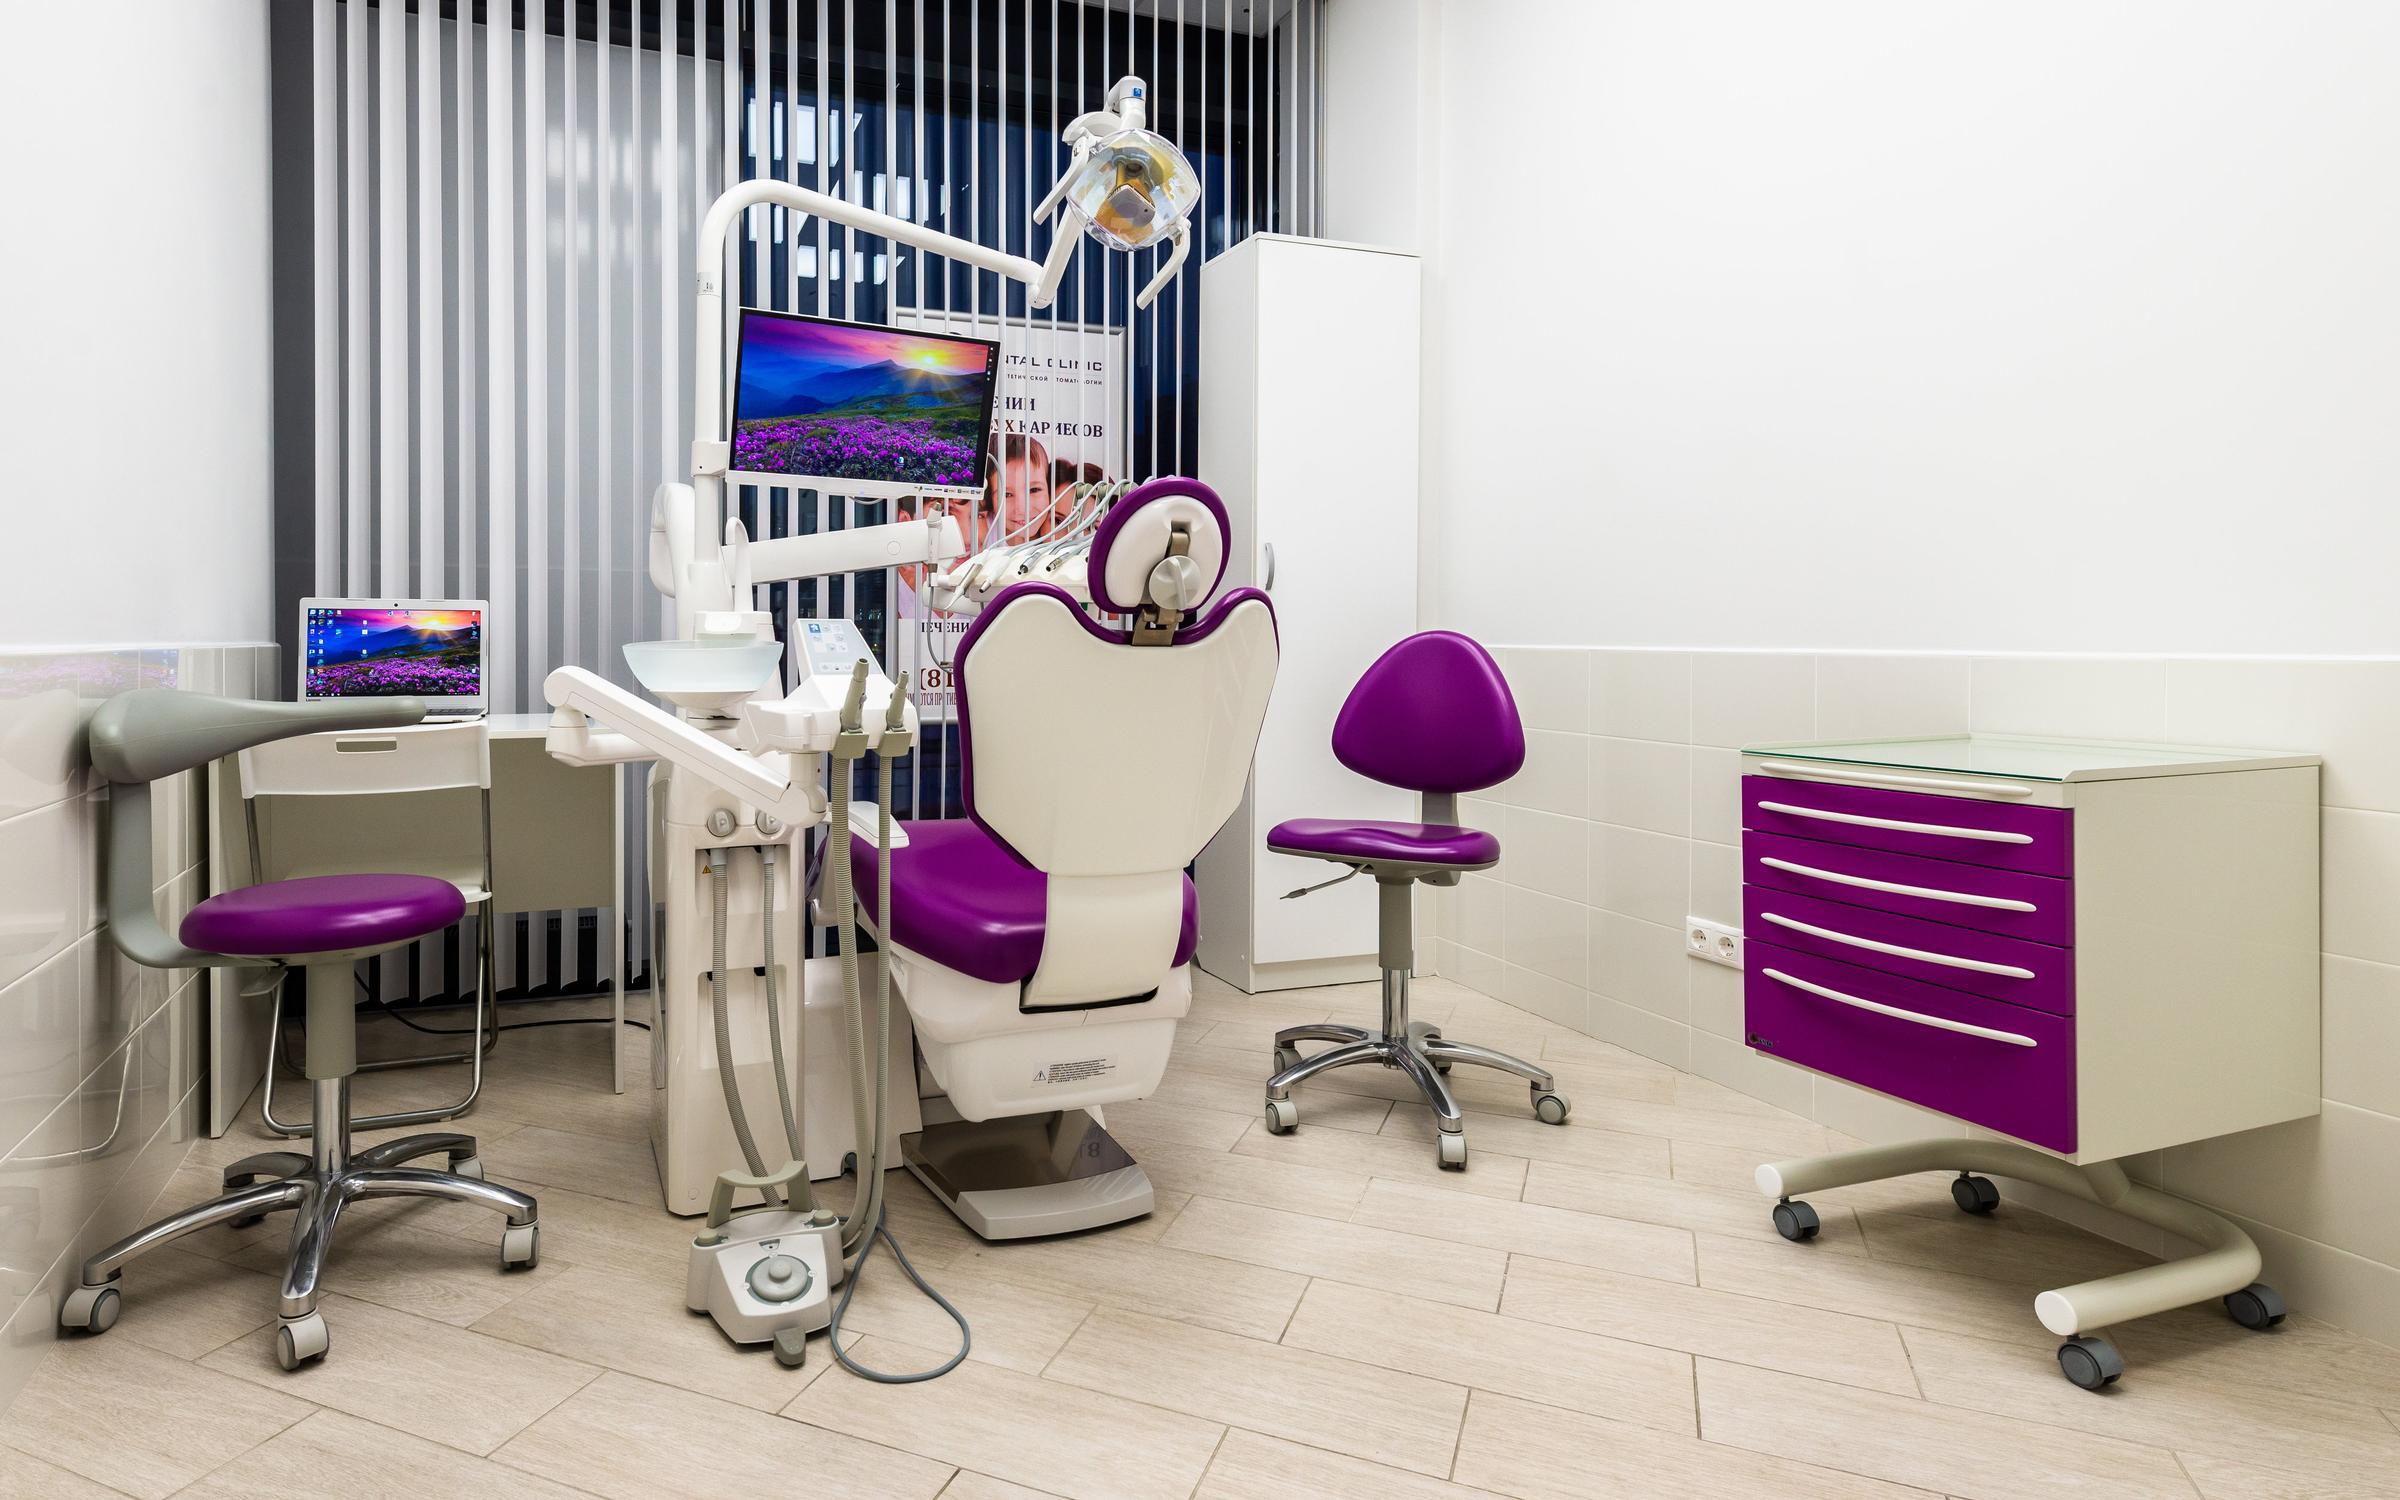 фотография Центра эстетической стоматологии и косметологии Дентал Клиник в Приморском районе